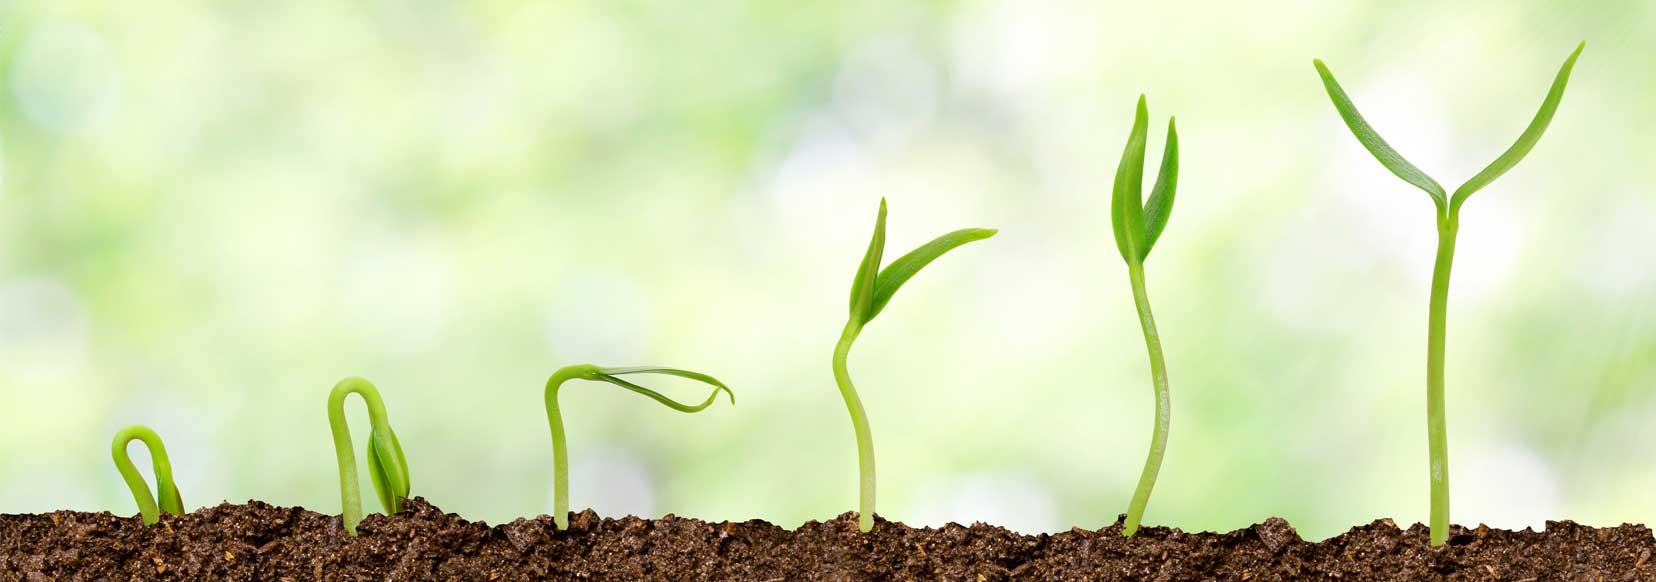 grow your website redesign metrics